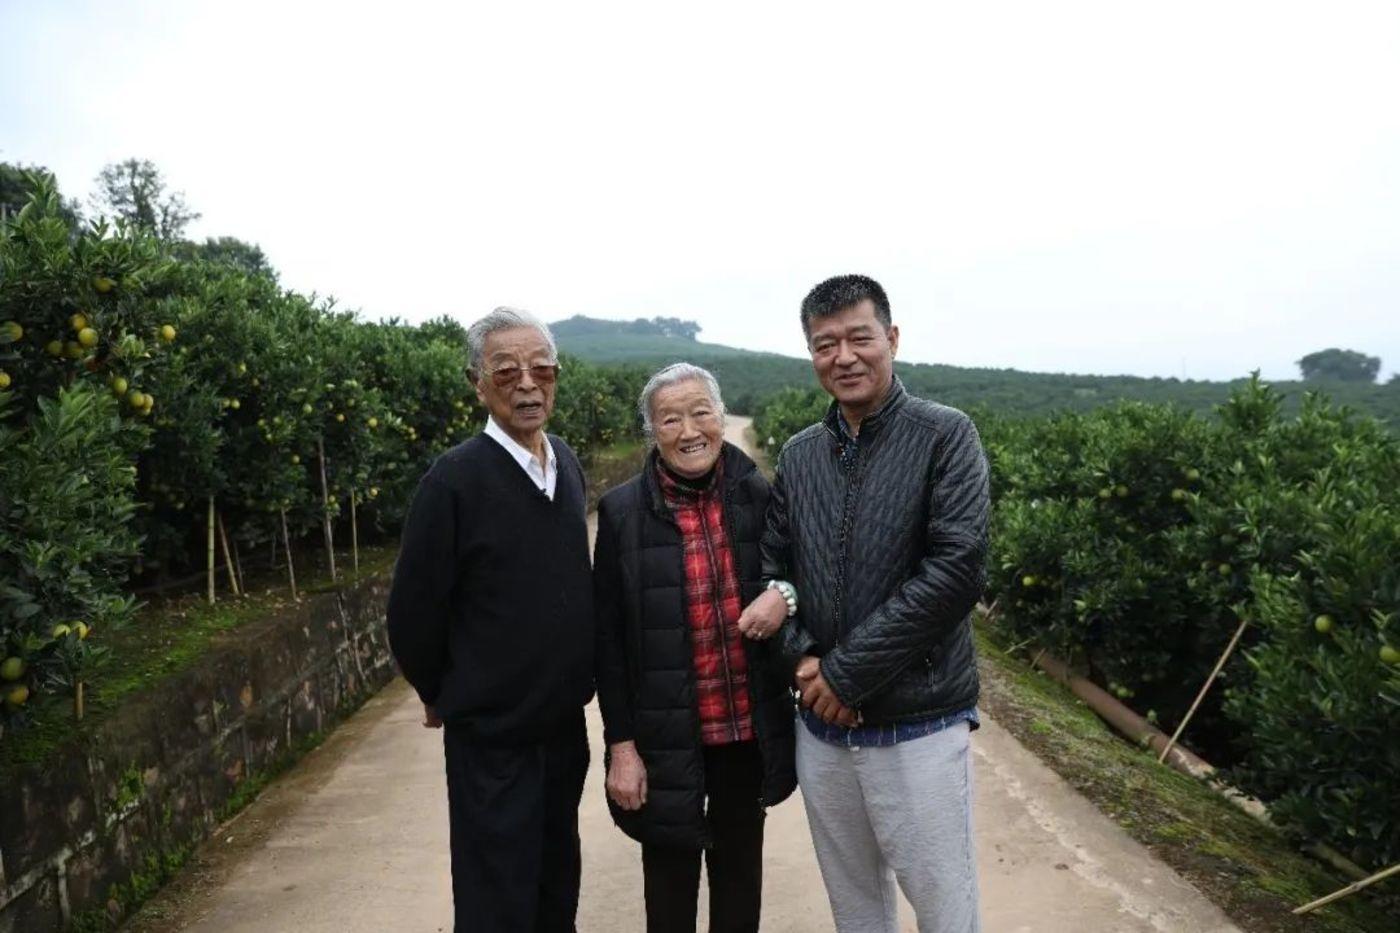 2018年时,褚一斌和父母在庄园合影